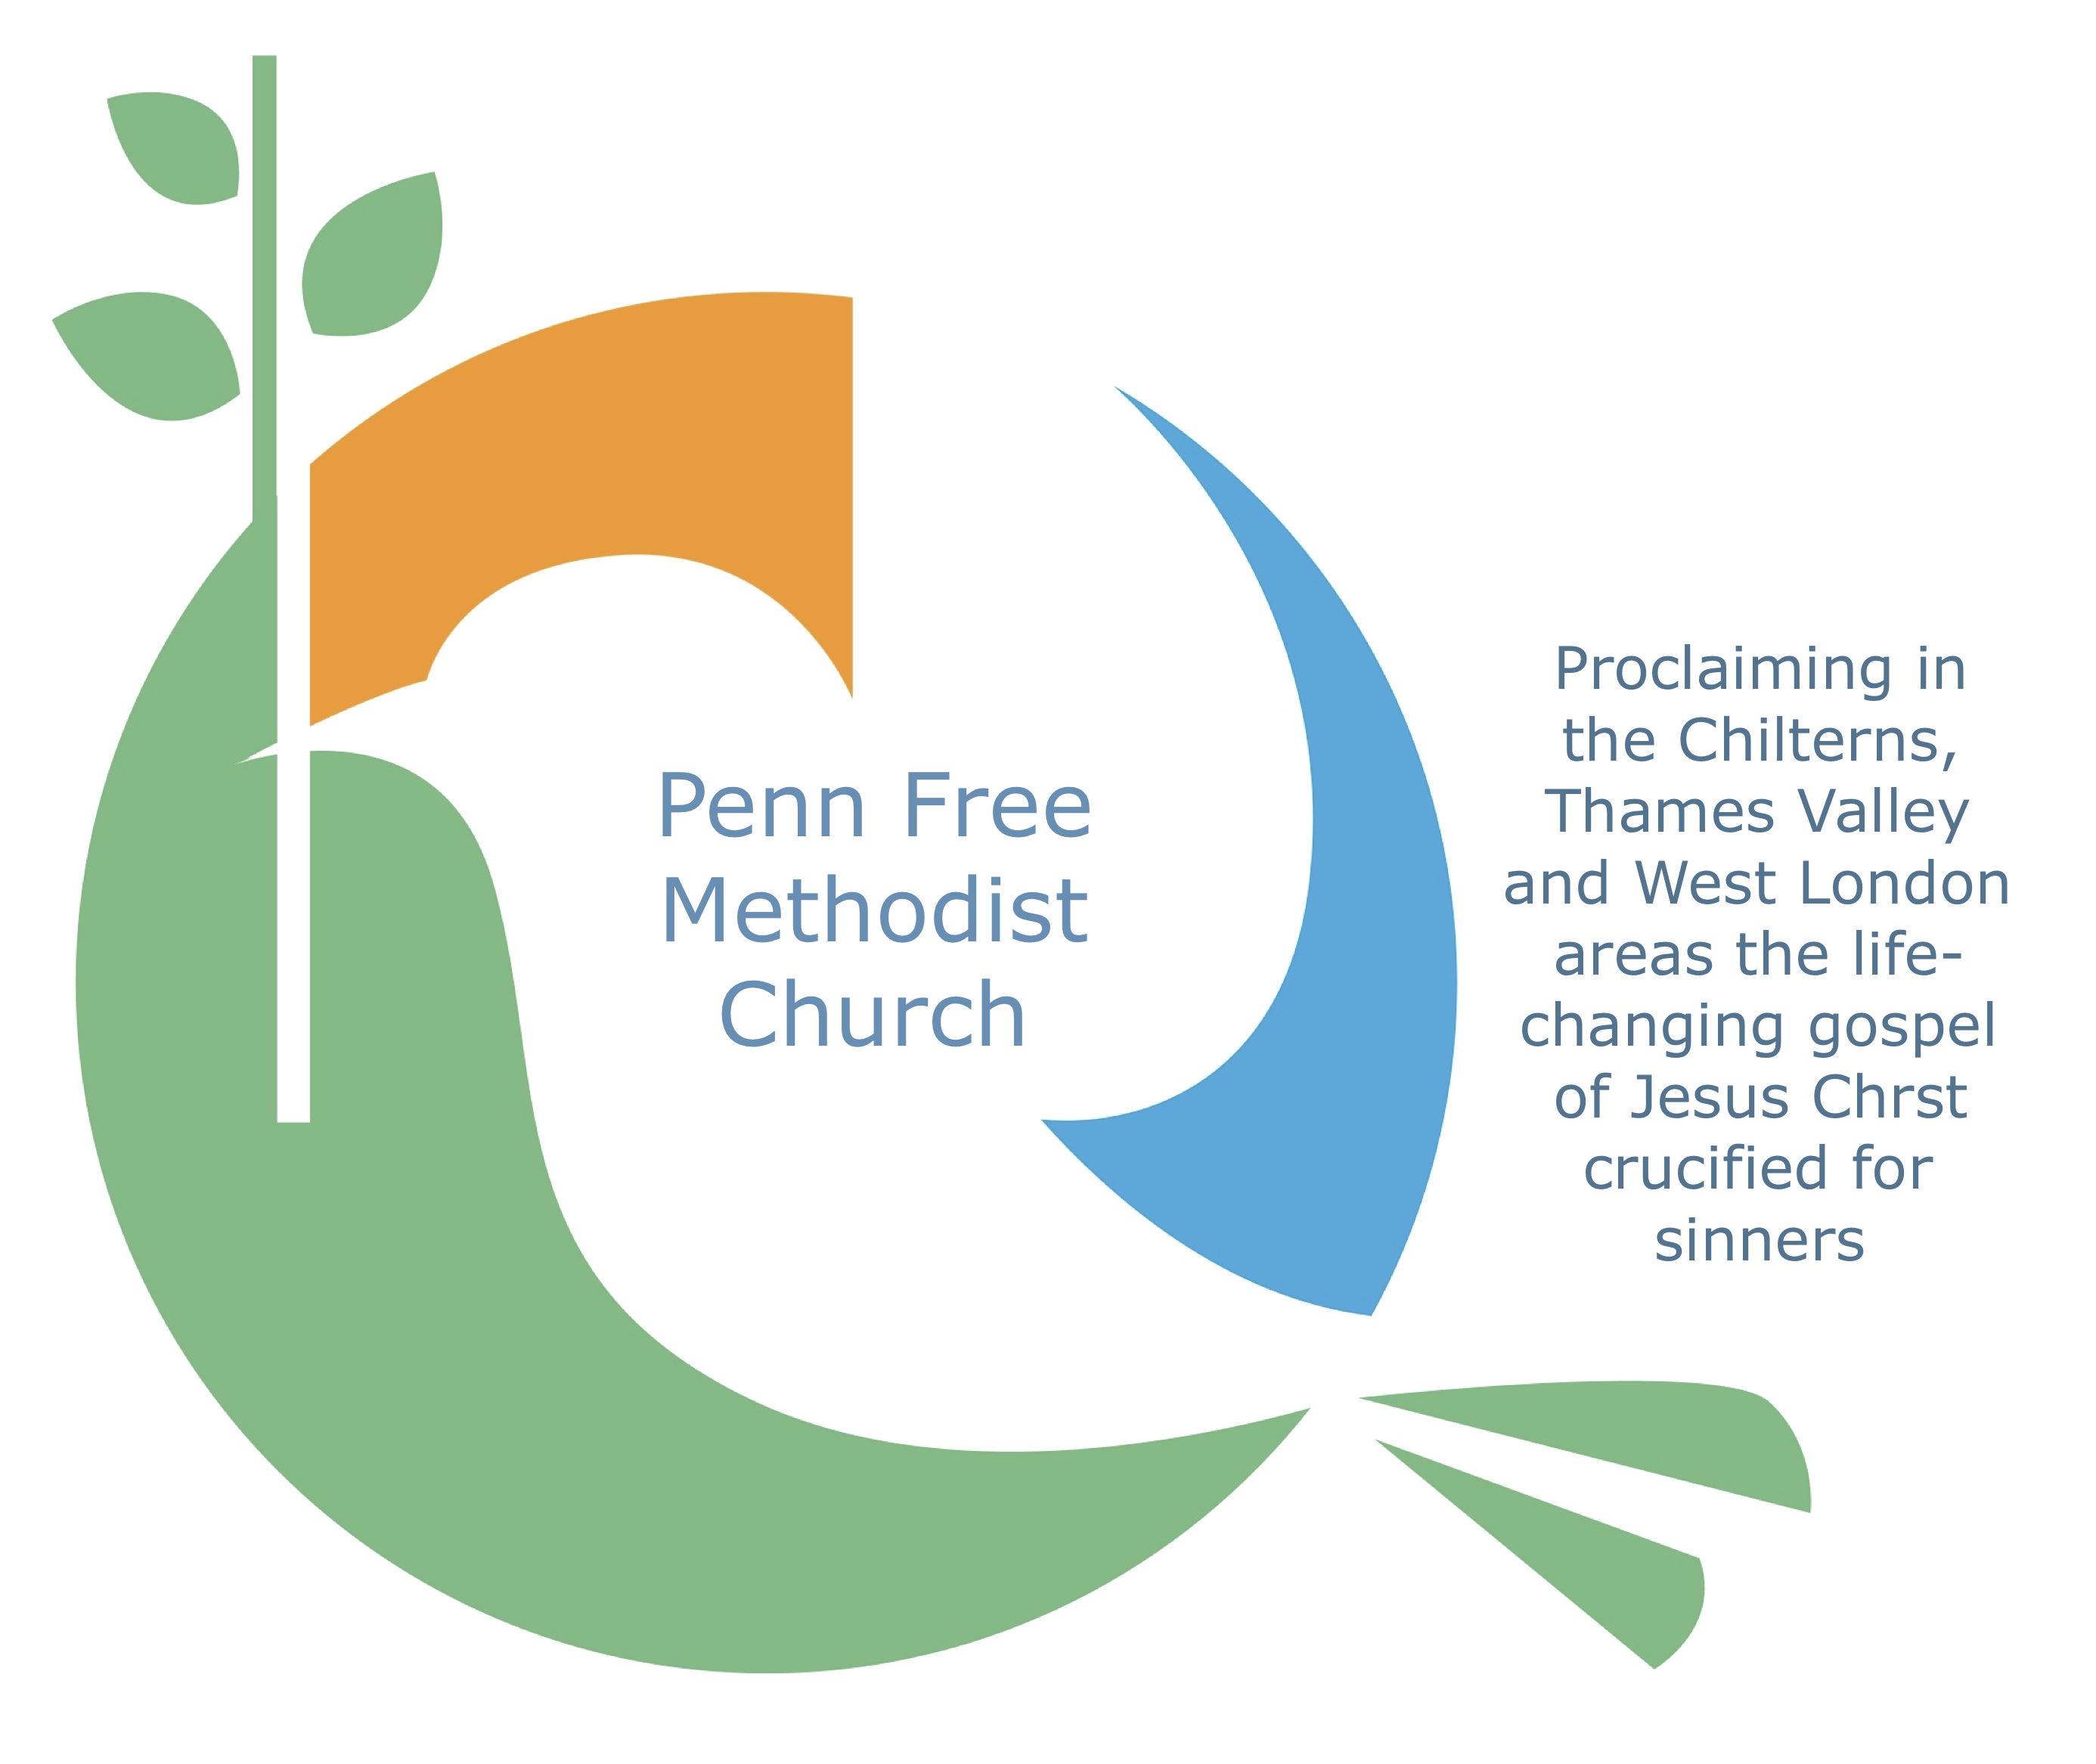 Penn Free Methodist Church